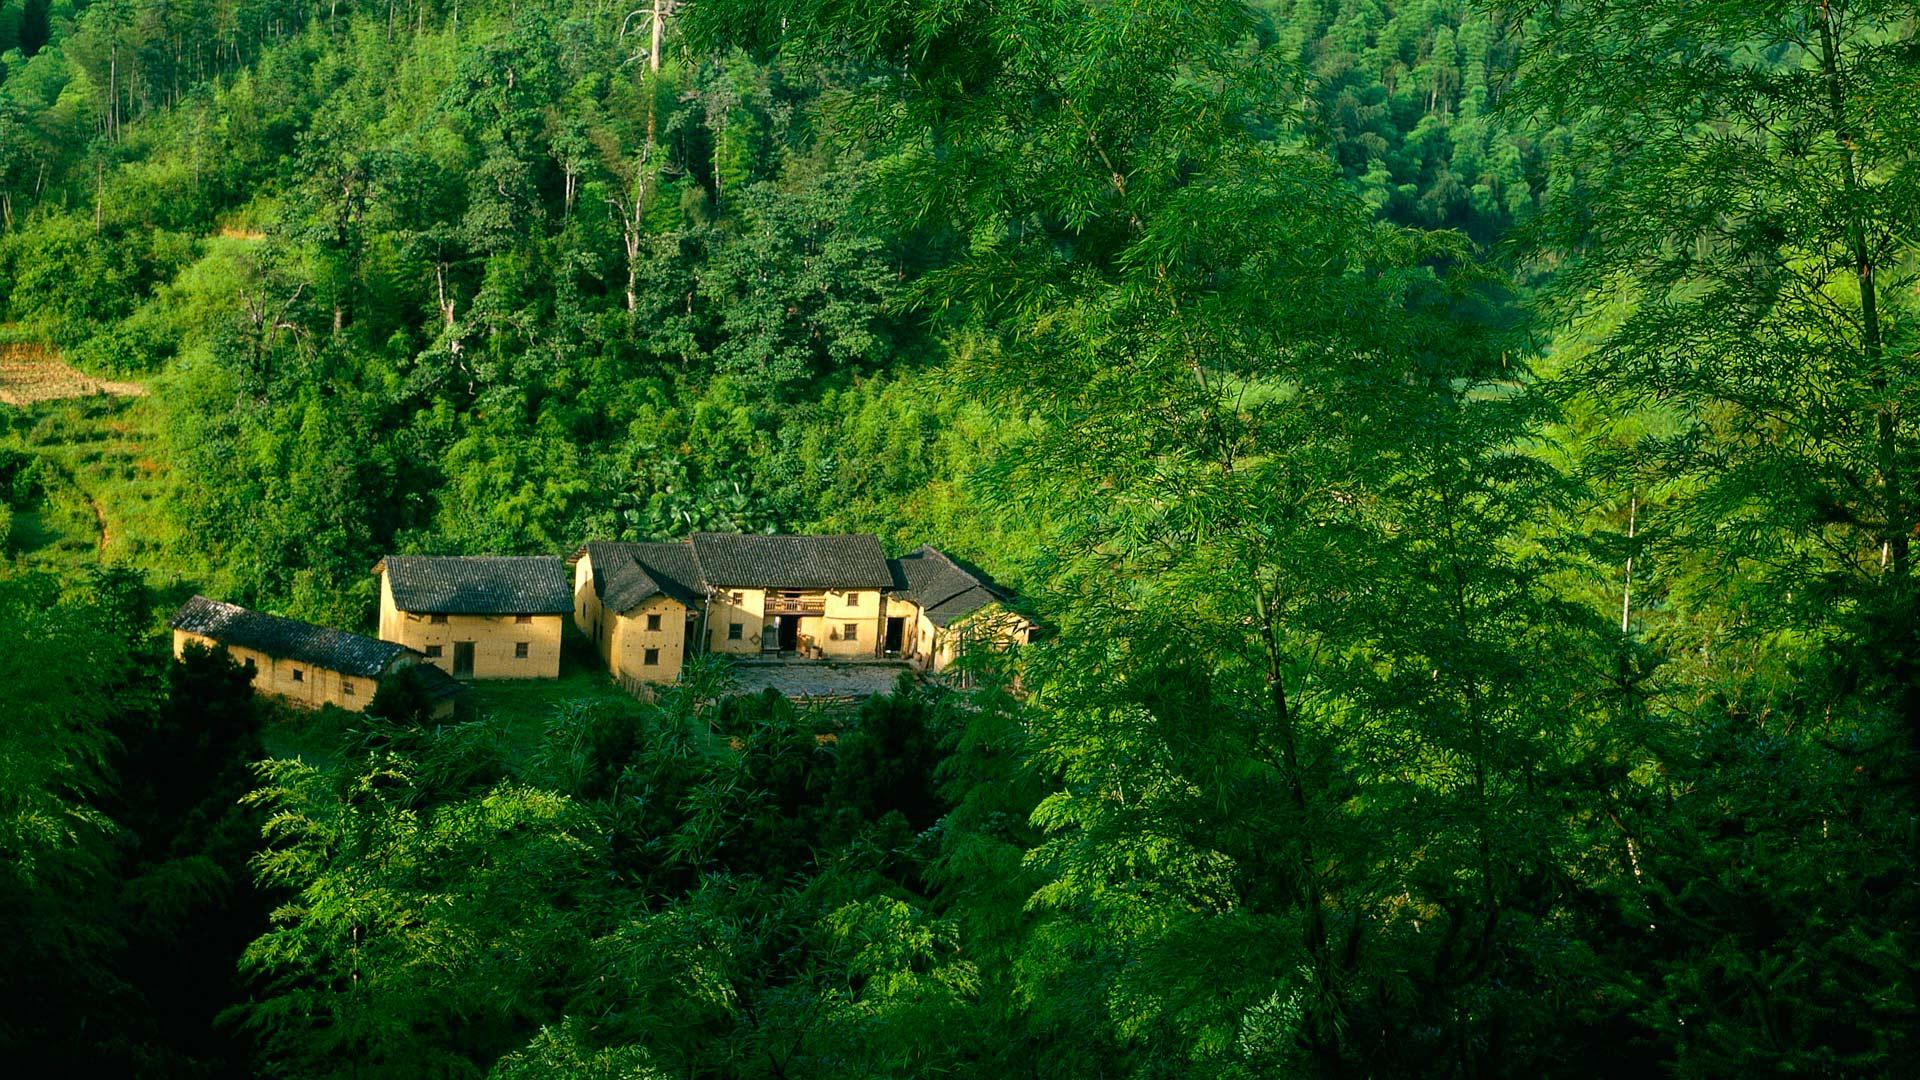 Обои дома в лесу для рабочего стола